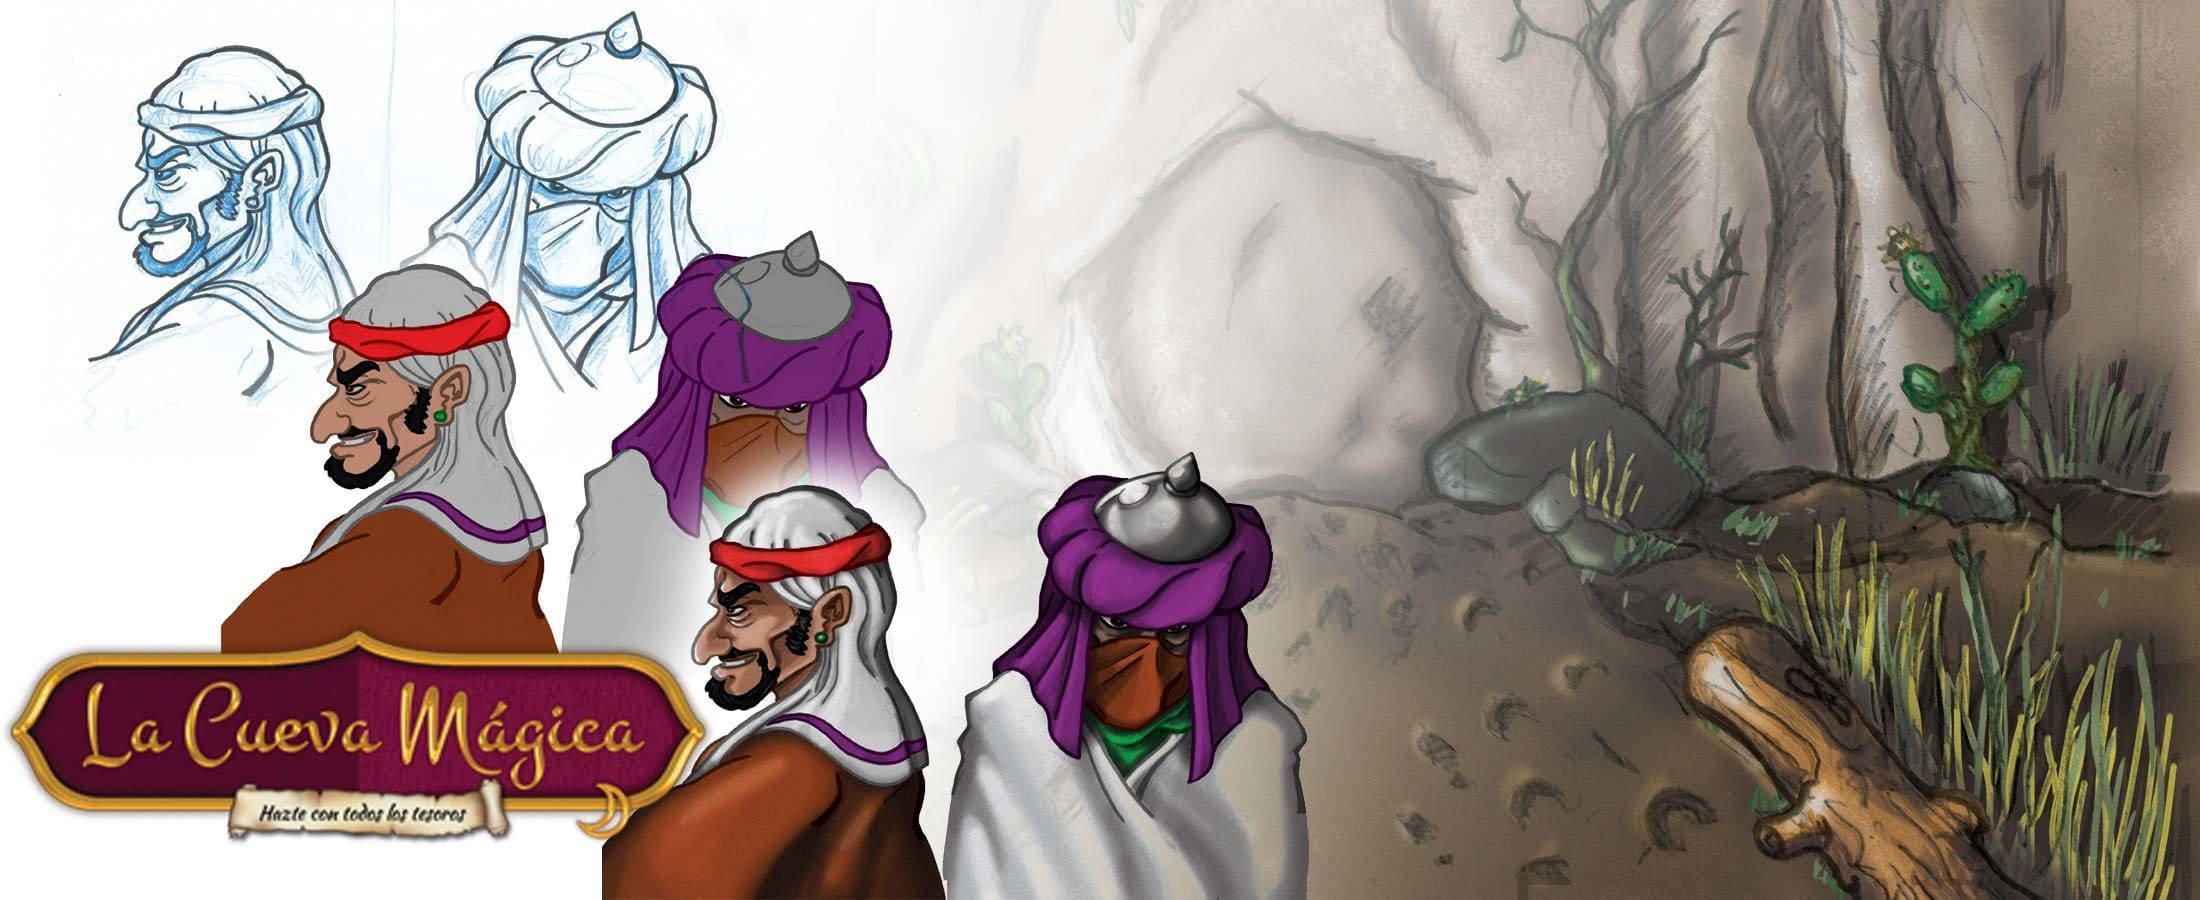 Ilustración juego de mesa La Cueva Mágica